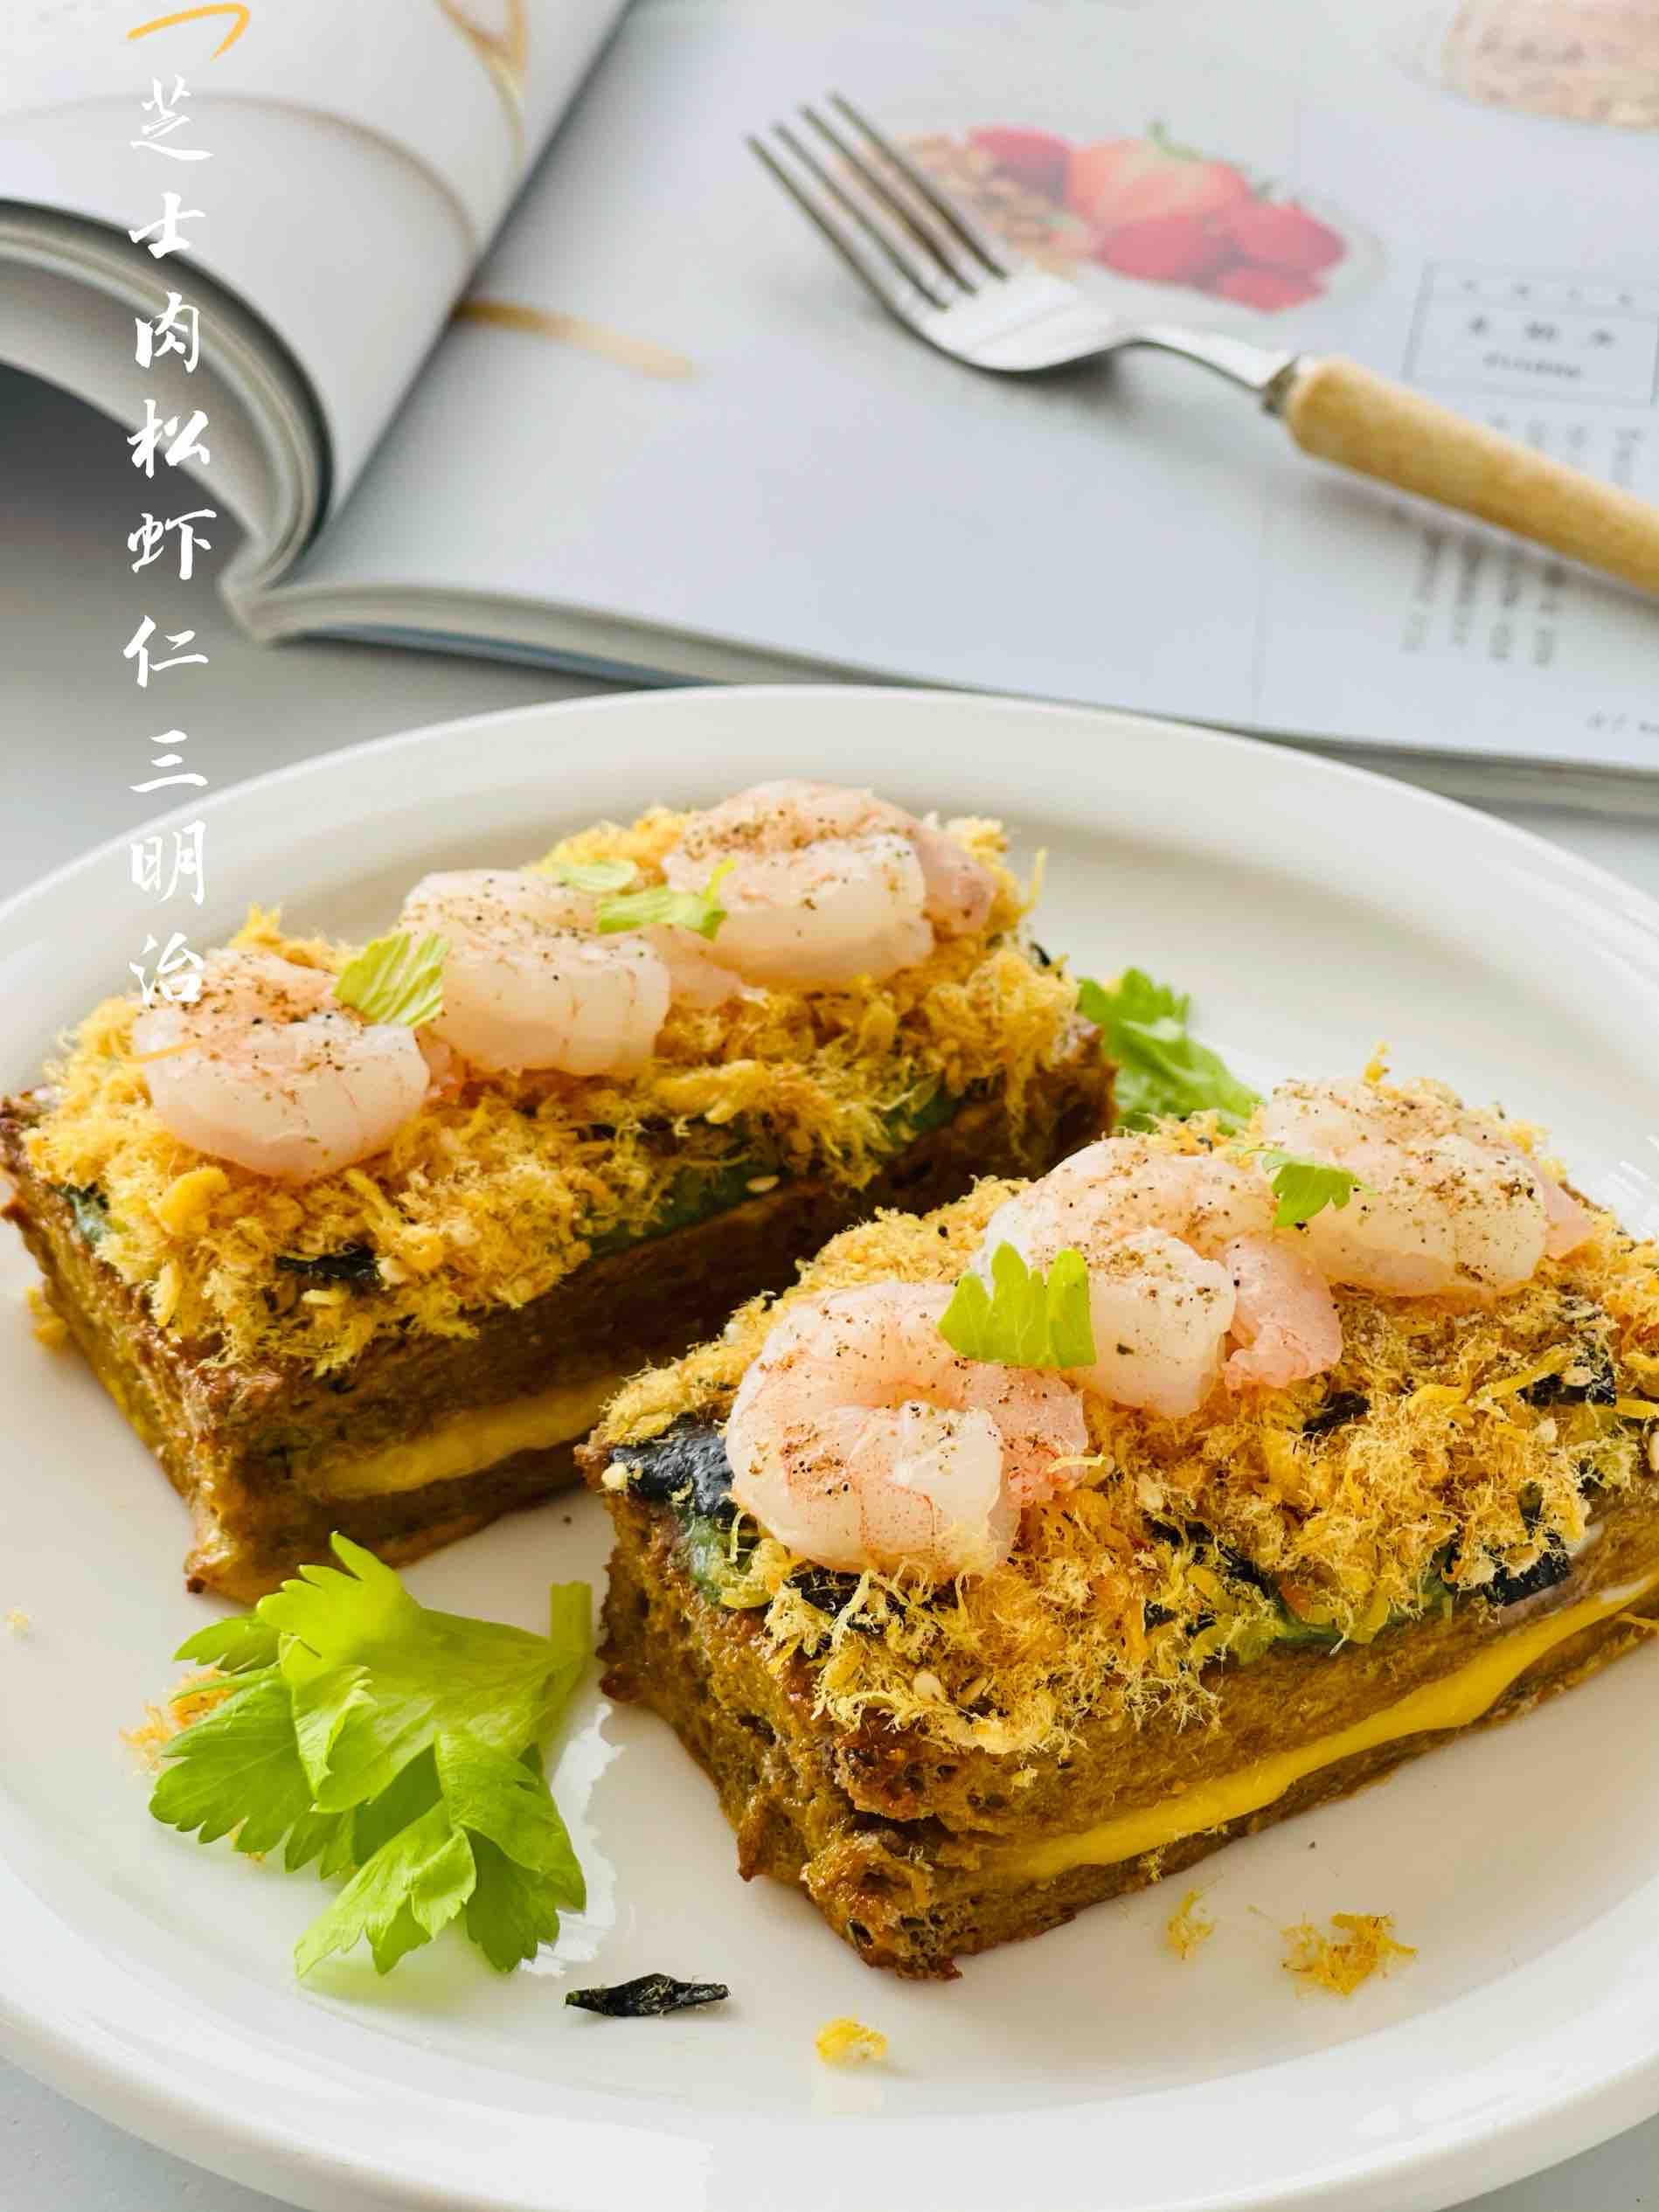 【减脂推荐】会爆浆的芝士肉松虾仁三明治